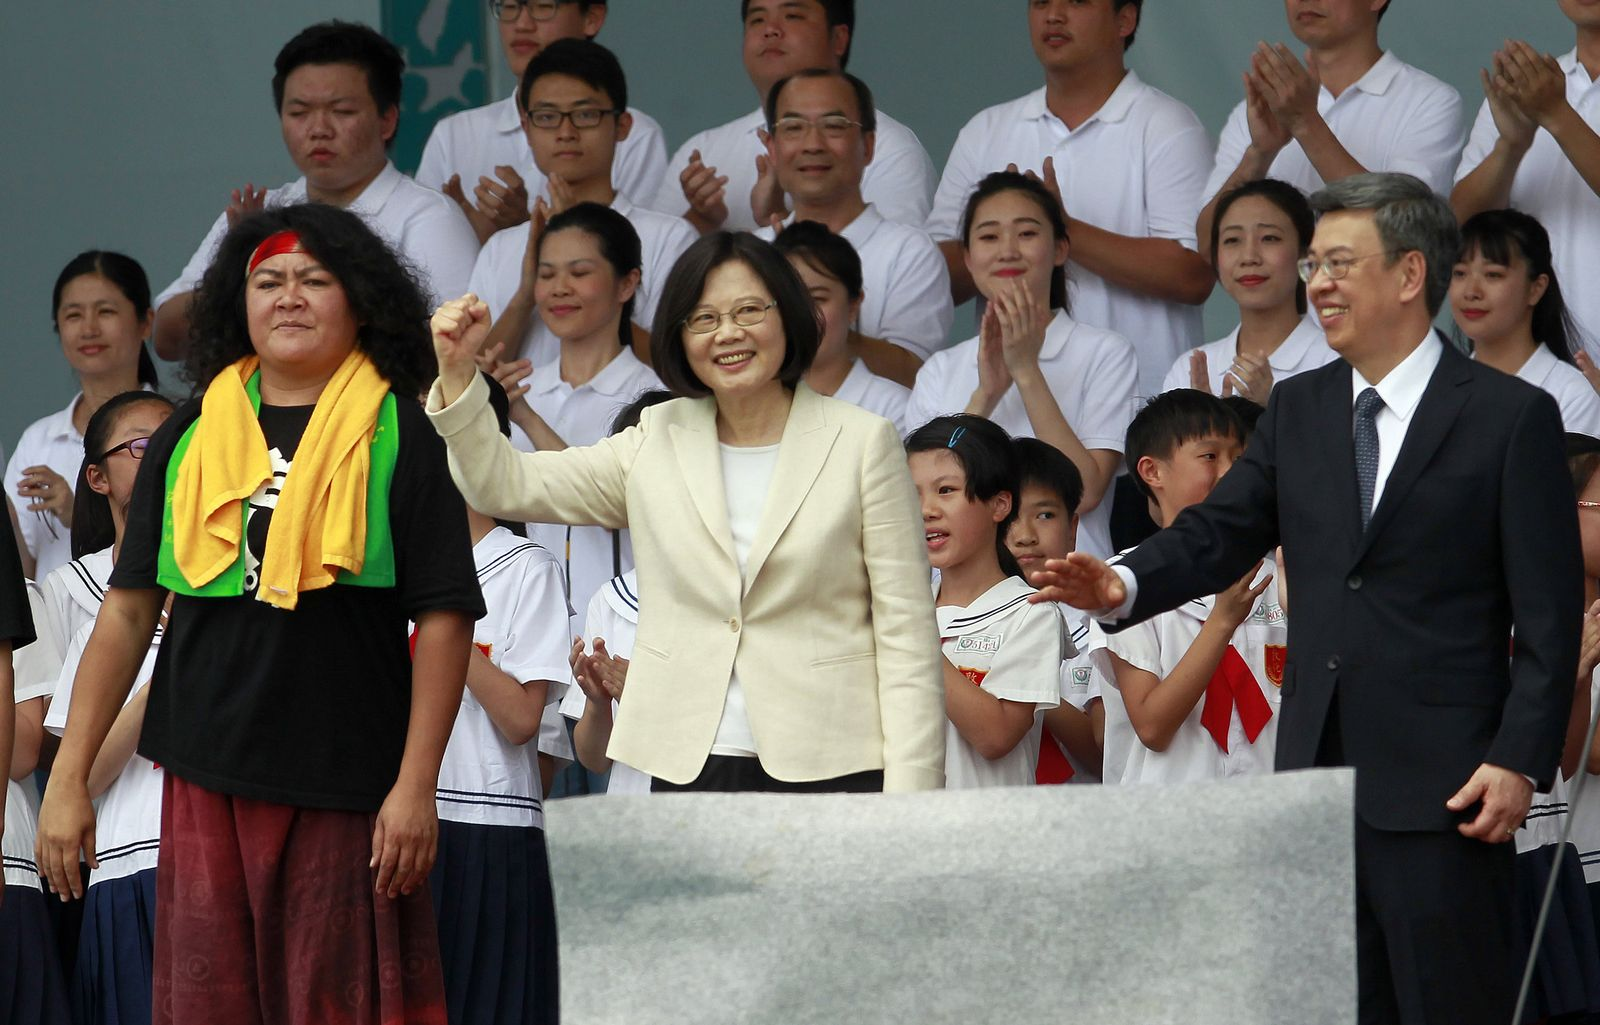 Taiwan / Tsai Ing-wen